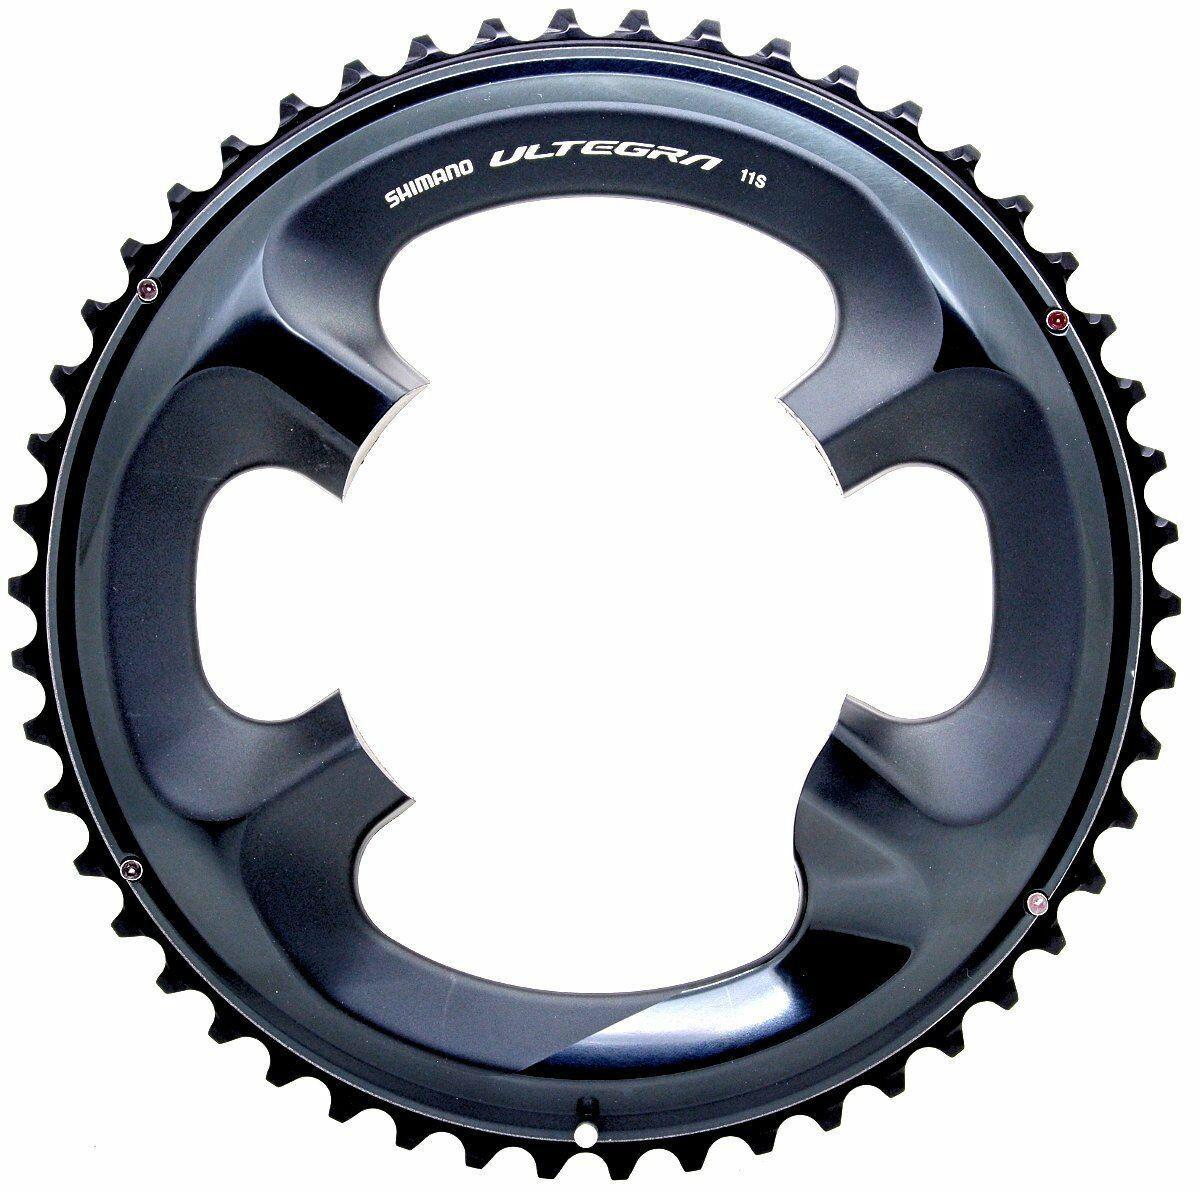 Shimano  звезда передняя Ultegra.для FC-R8000.50T-MS для 50-34T